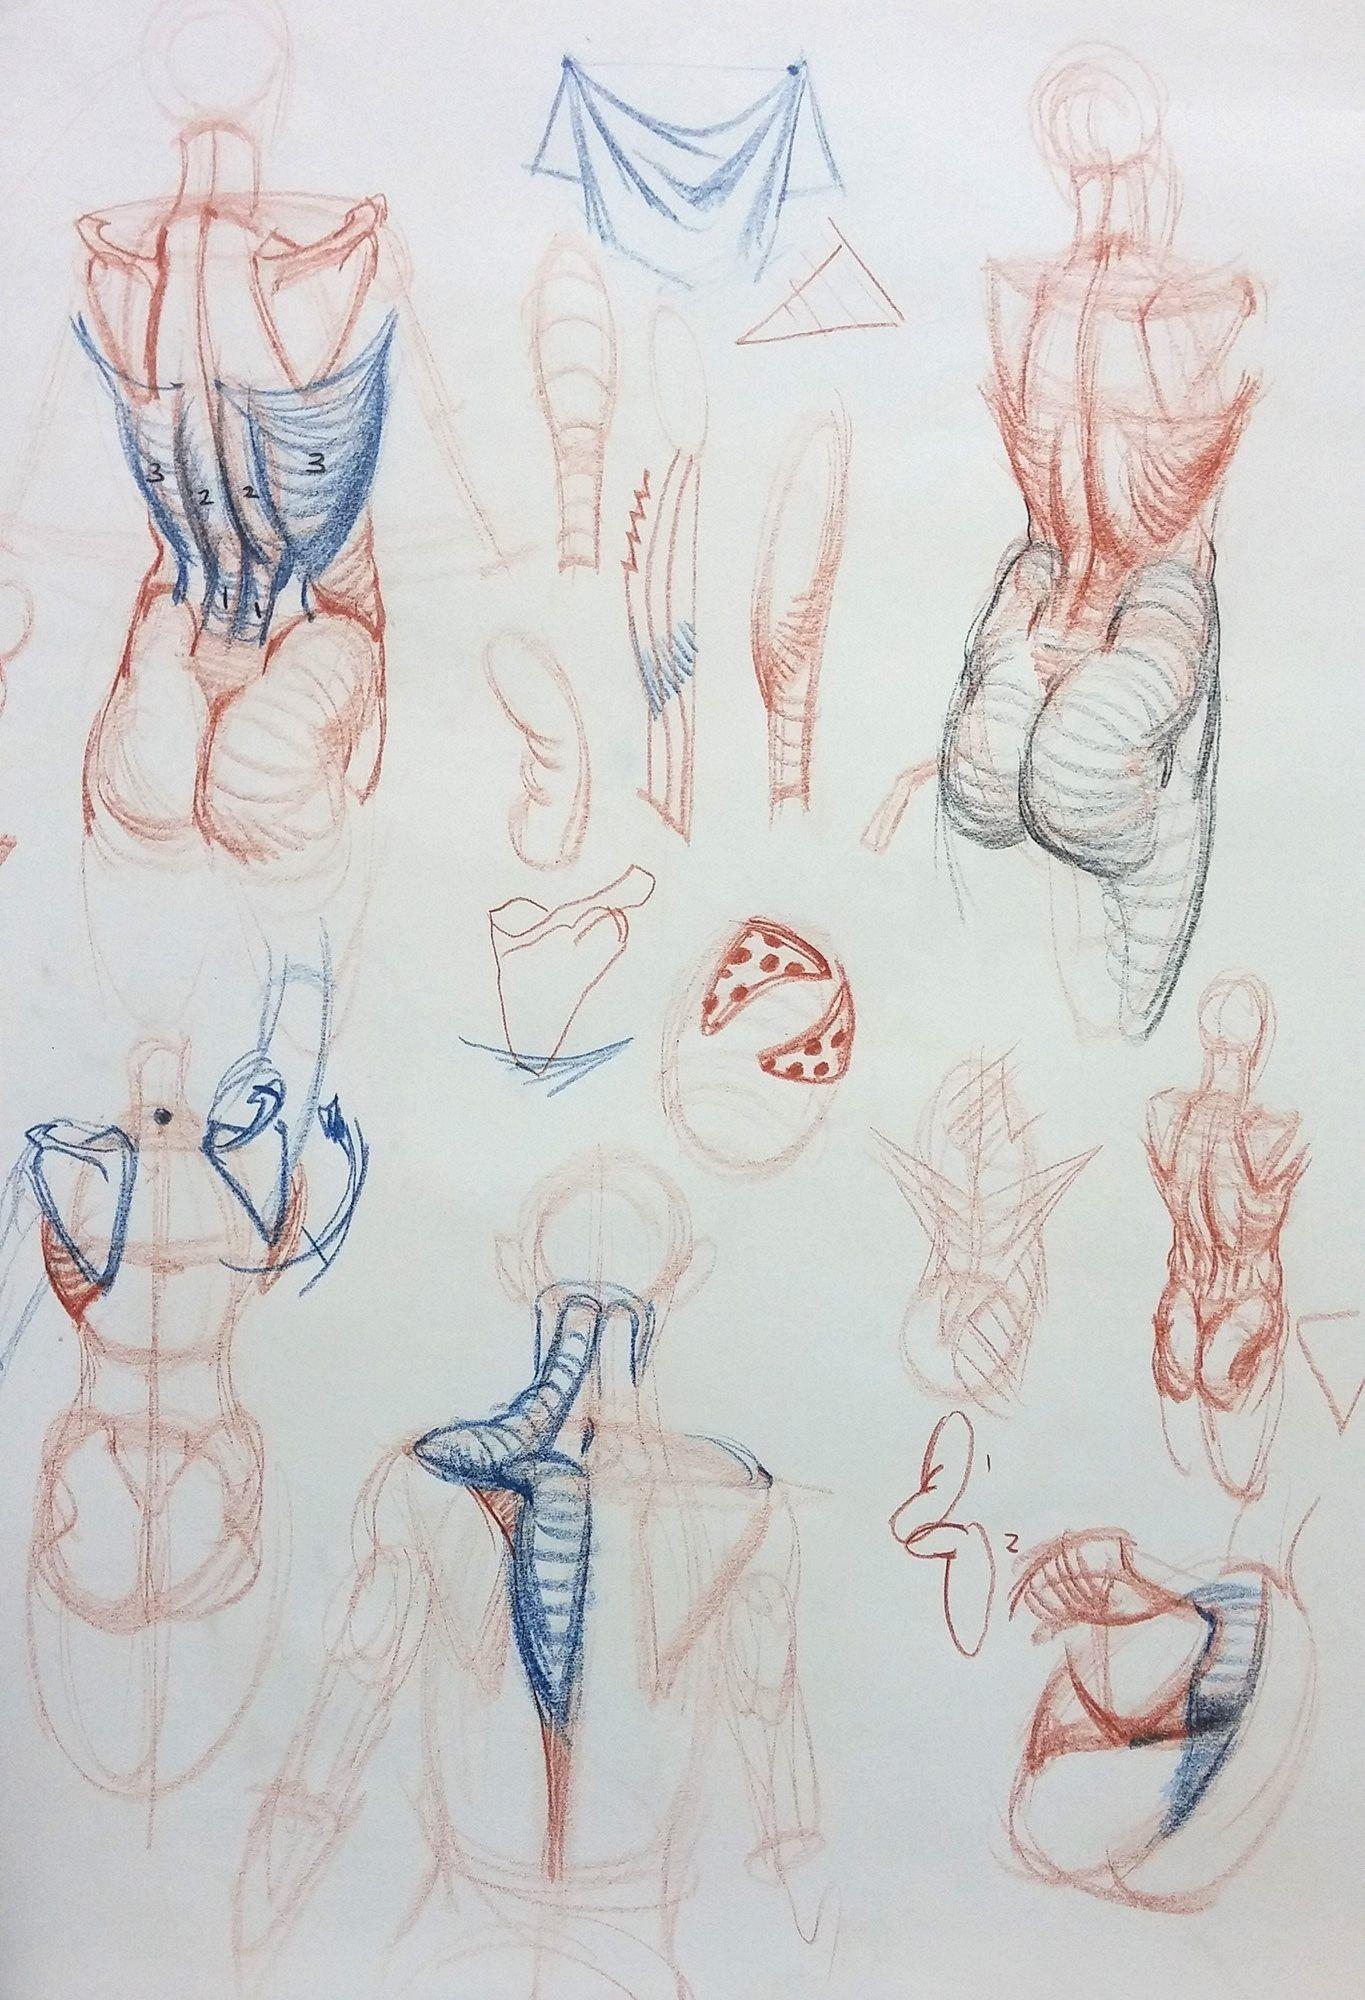 Pin von pau auf Study | Pinterest | Anatomie, Akt und Zeichnen